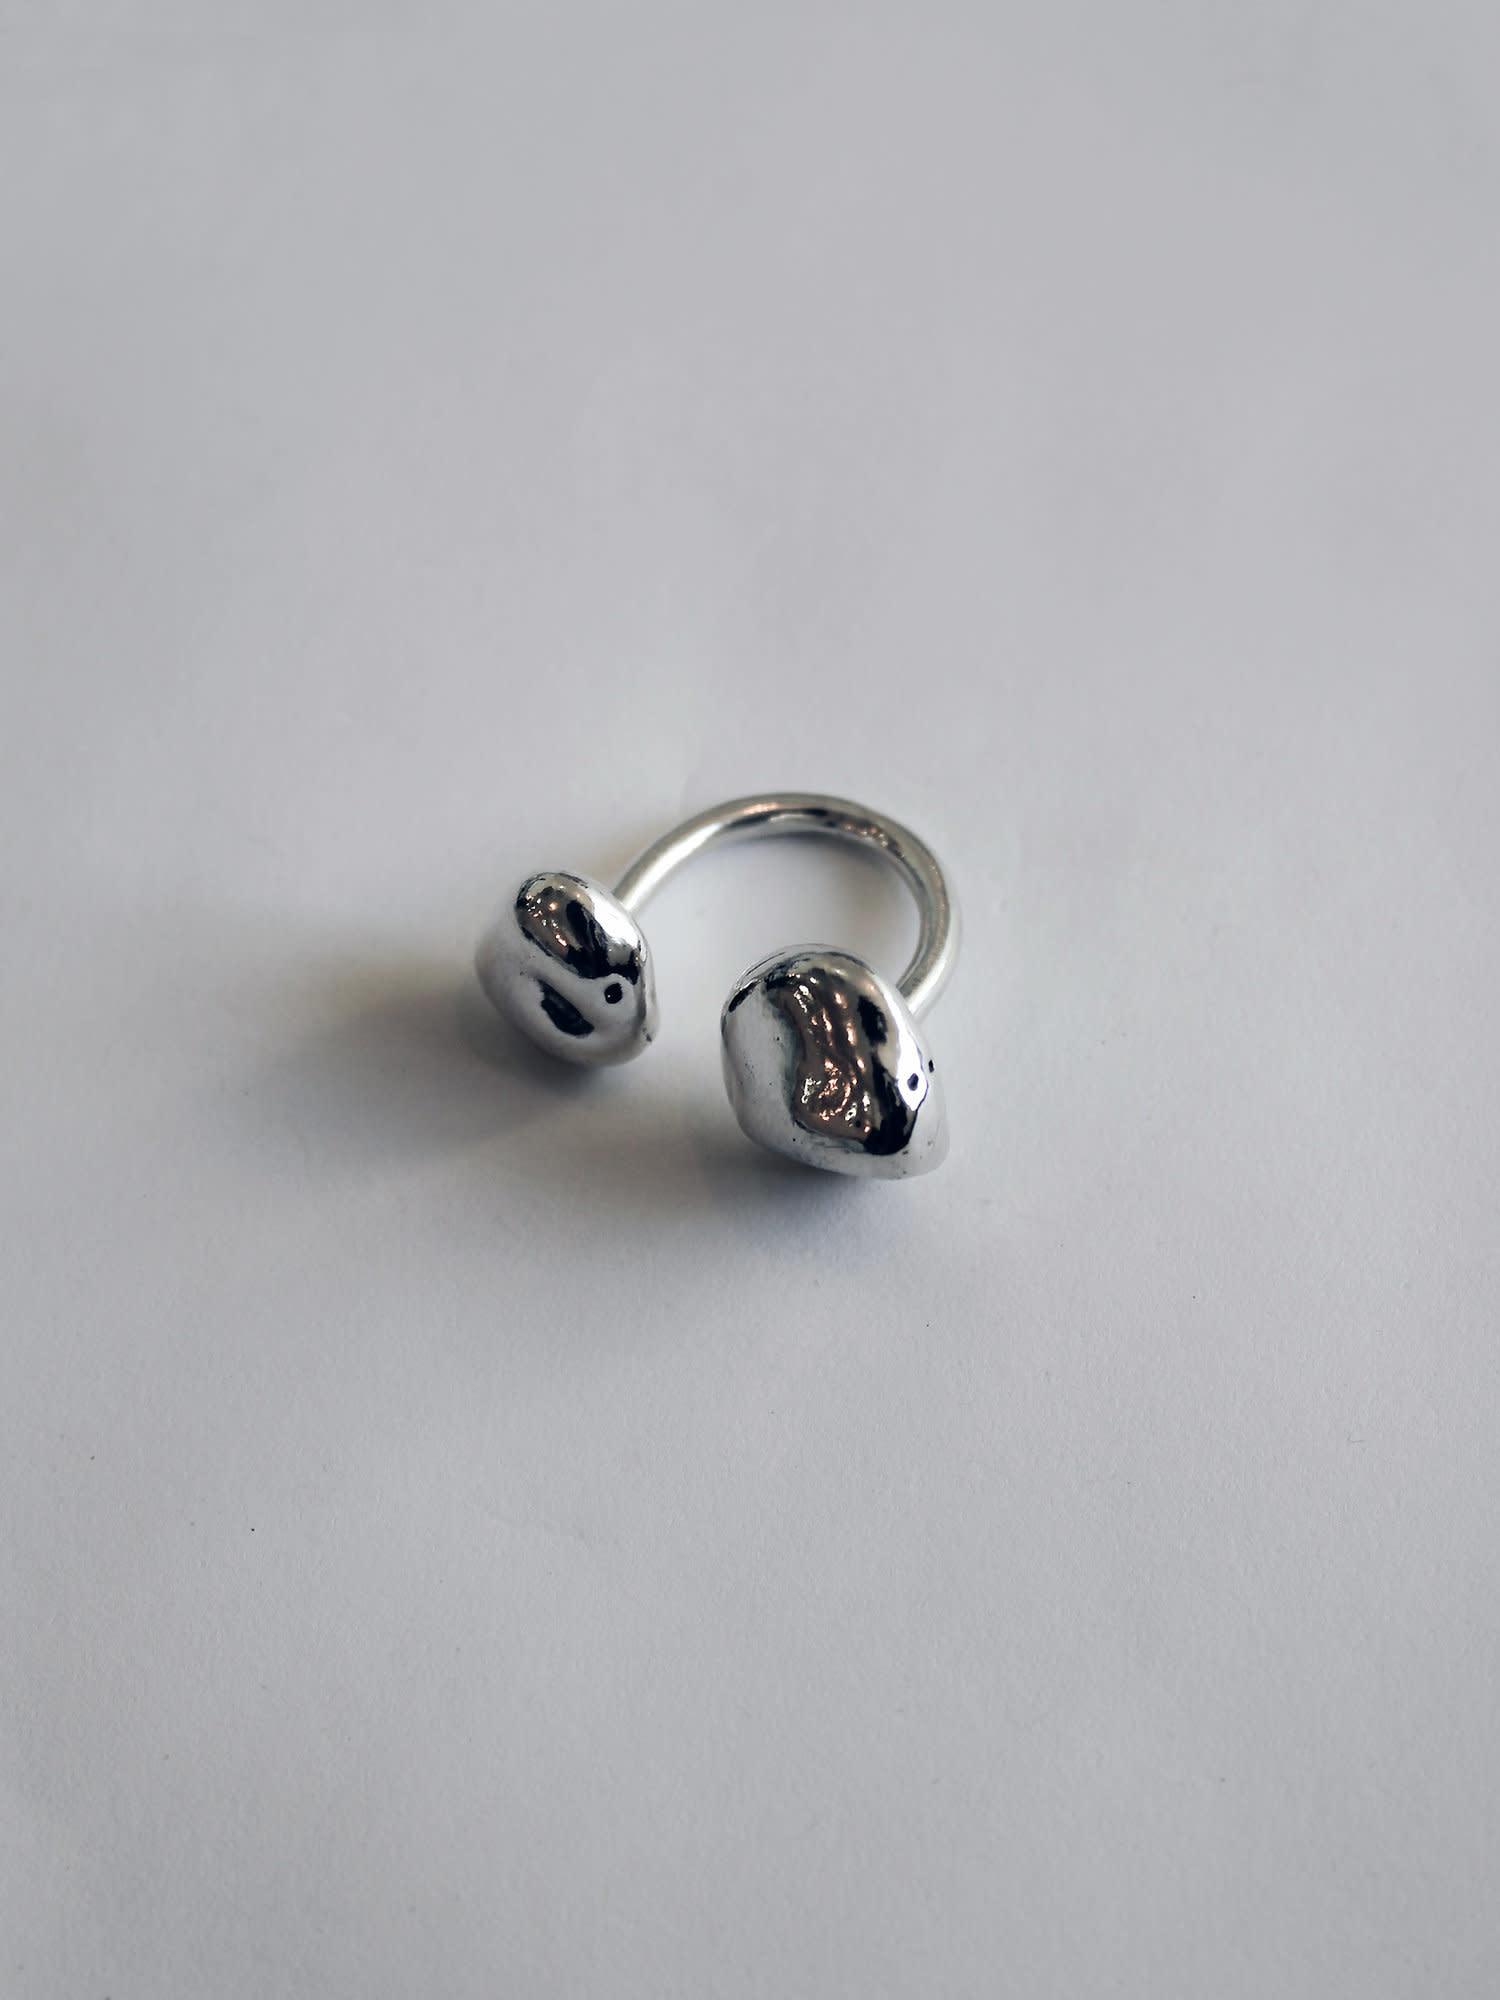 L.L.Y. Altelier Floating Open Ring in Silver